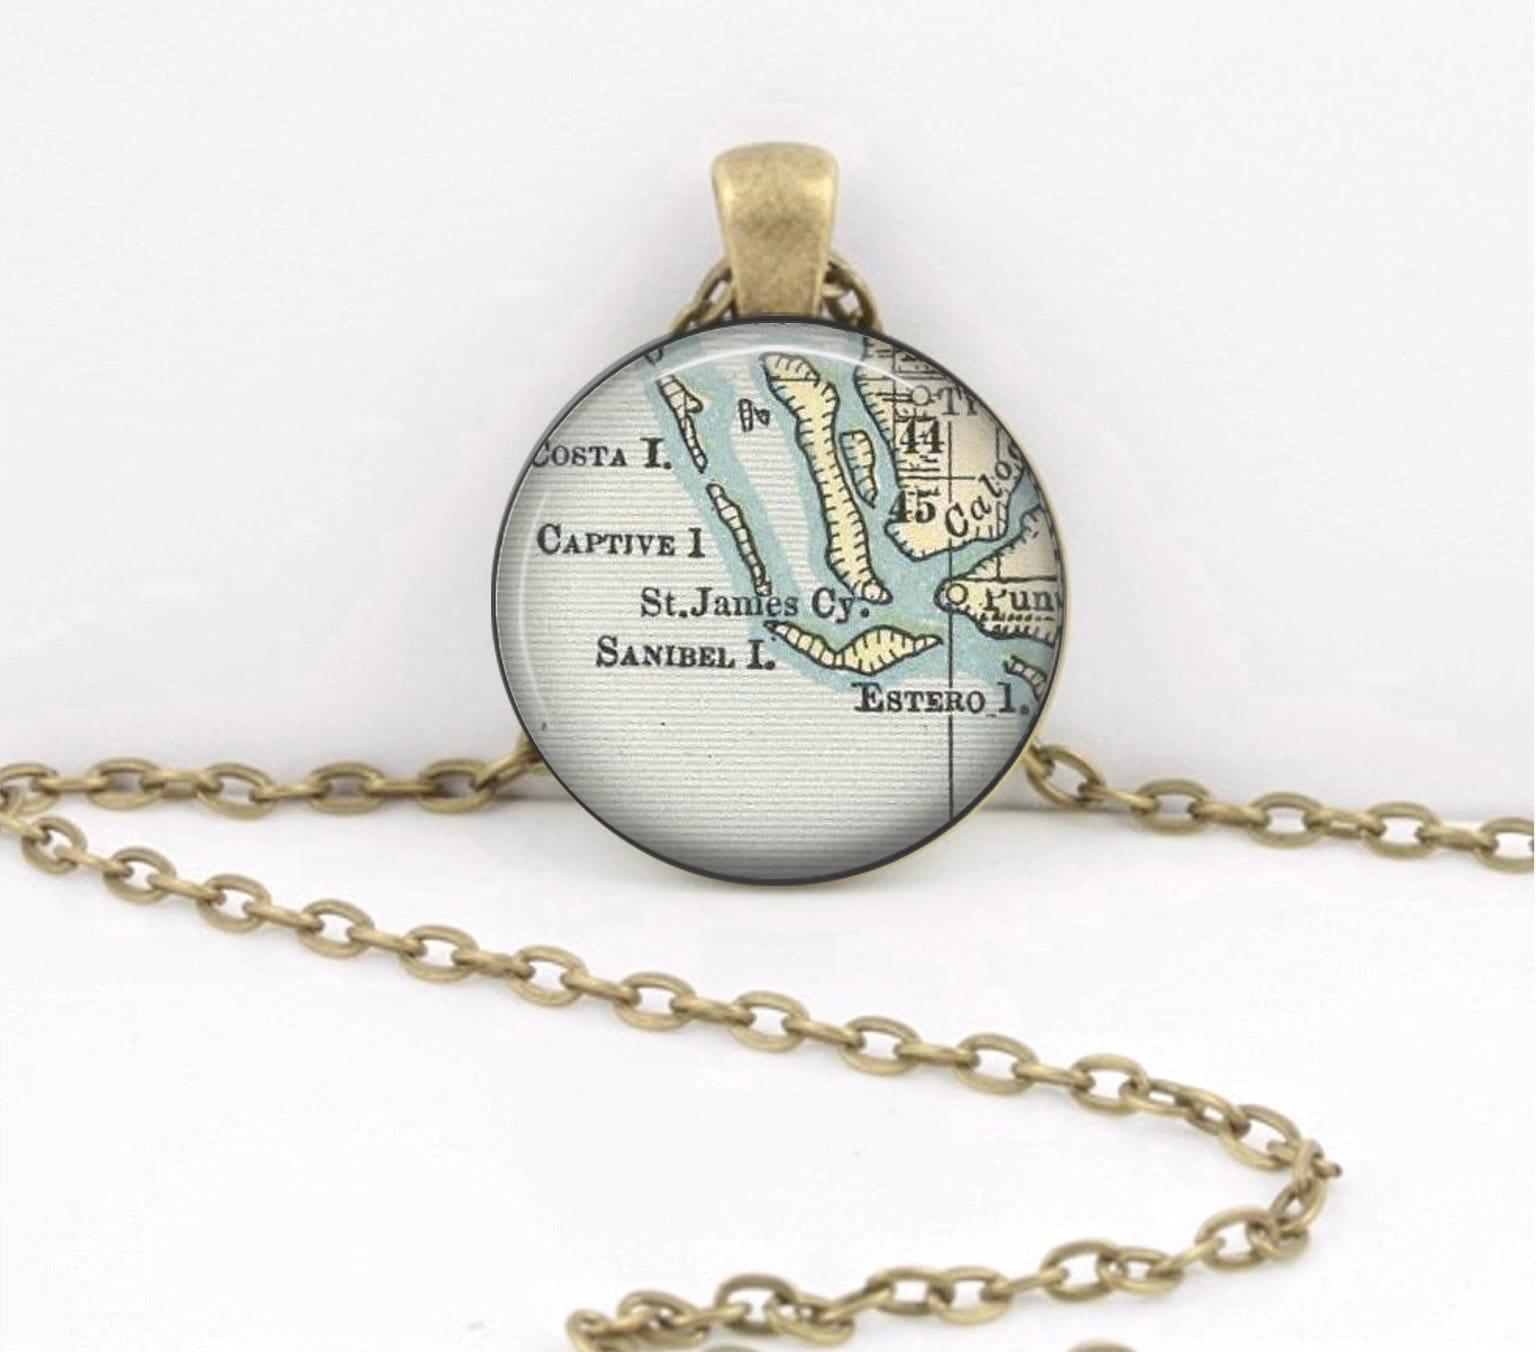 Sanibel Island Captiva Florida Map Pendant Necklace Key Ring